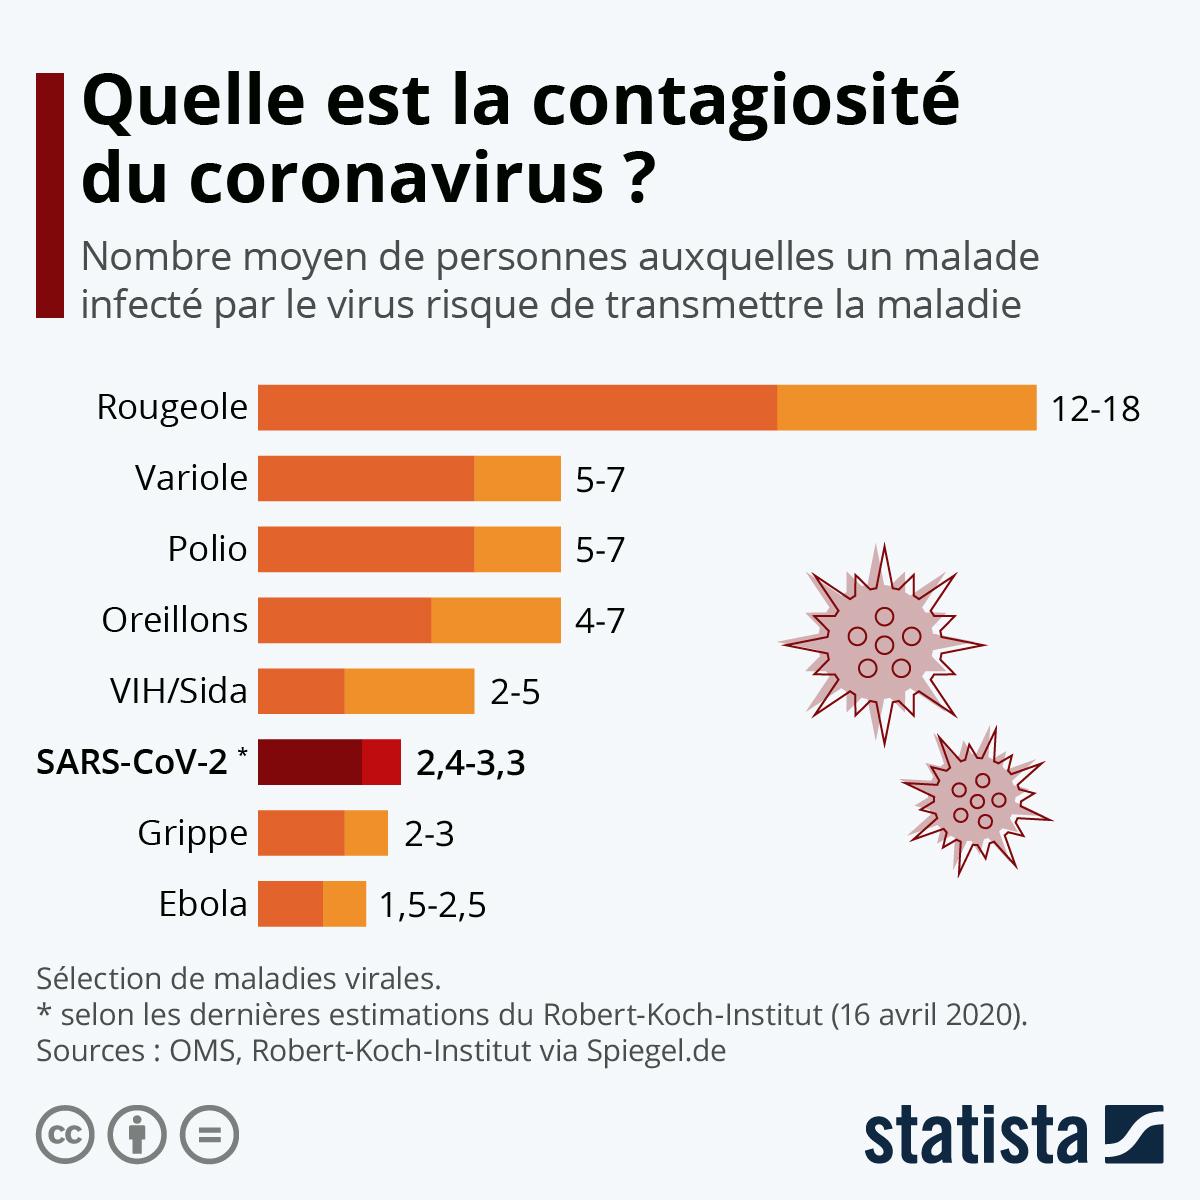 Virus Les Plus Dangereux